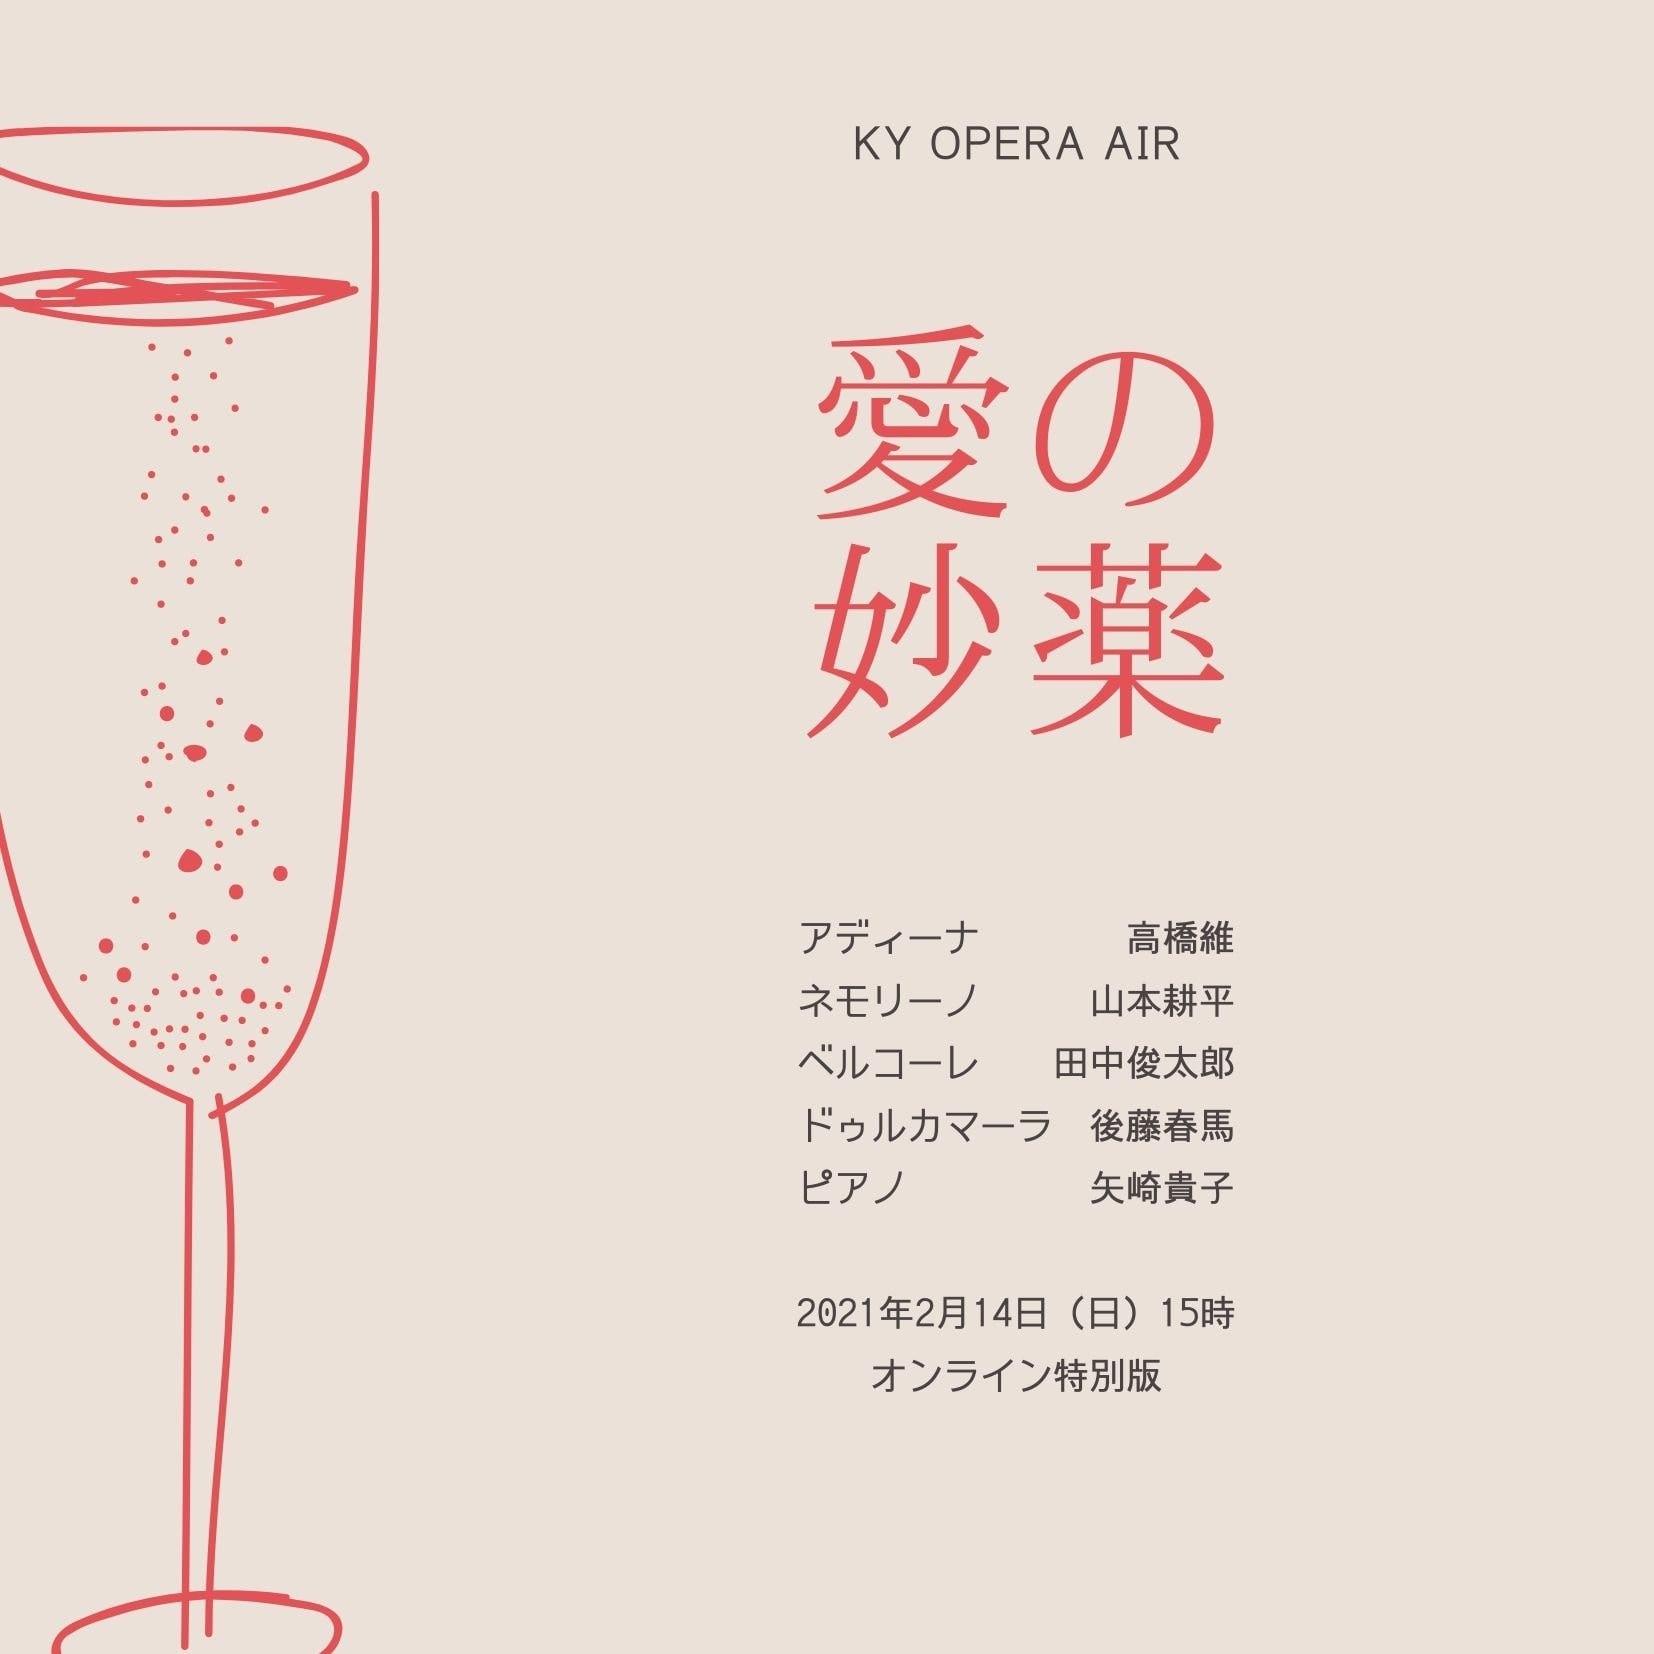 KY OPERA AIR『愛の妙薬』学生・同業者・研修生向けチケットのイメージその1